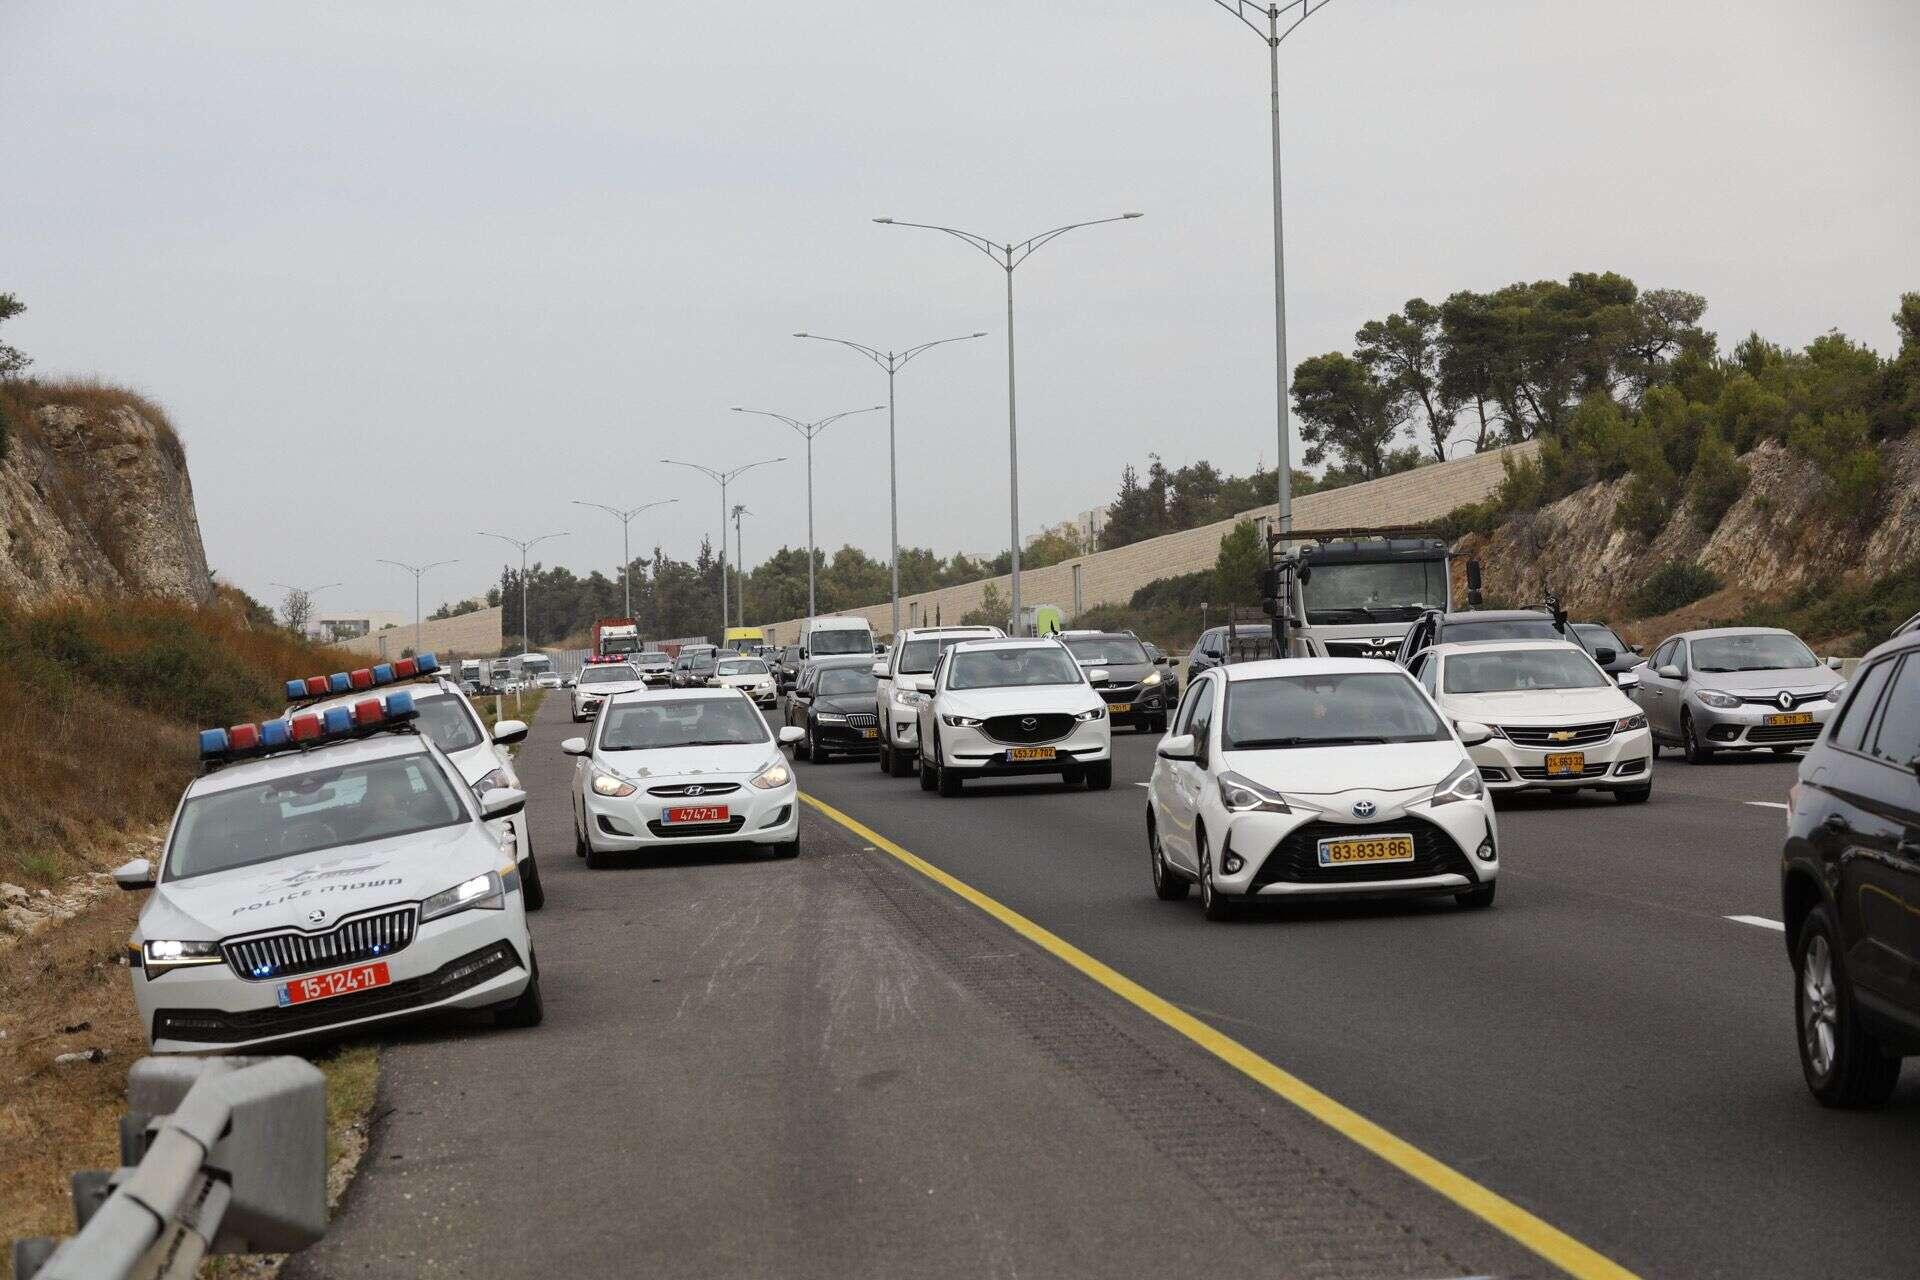 חסמו את כביש 6: שיירת מחאה על האלימות במגזר הערבי יצאה לכיוון ירושלים